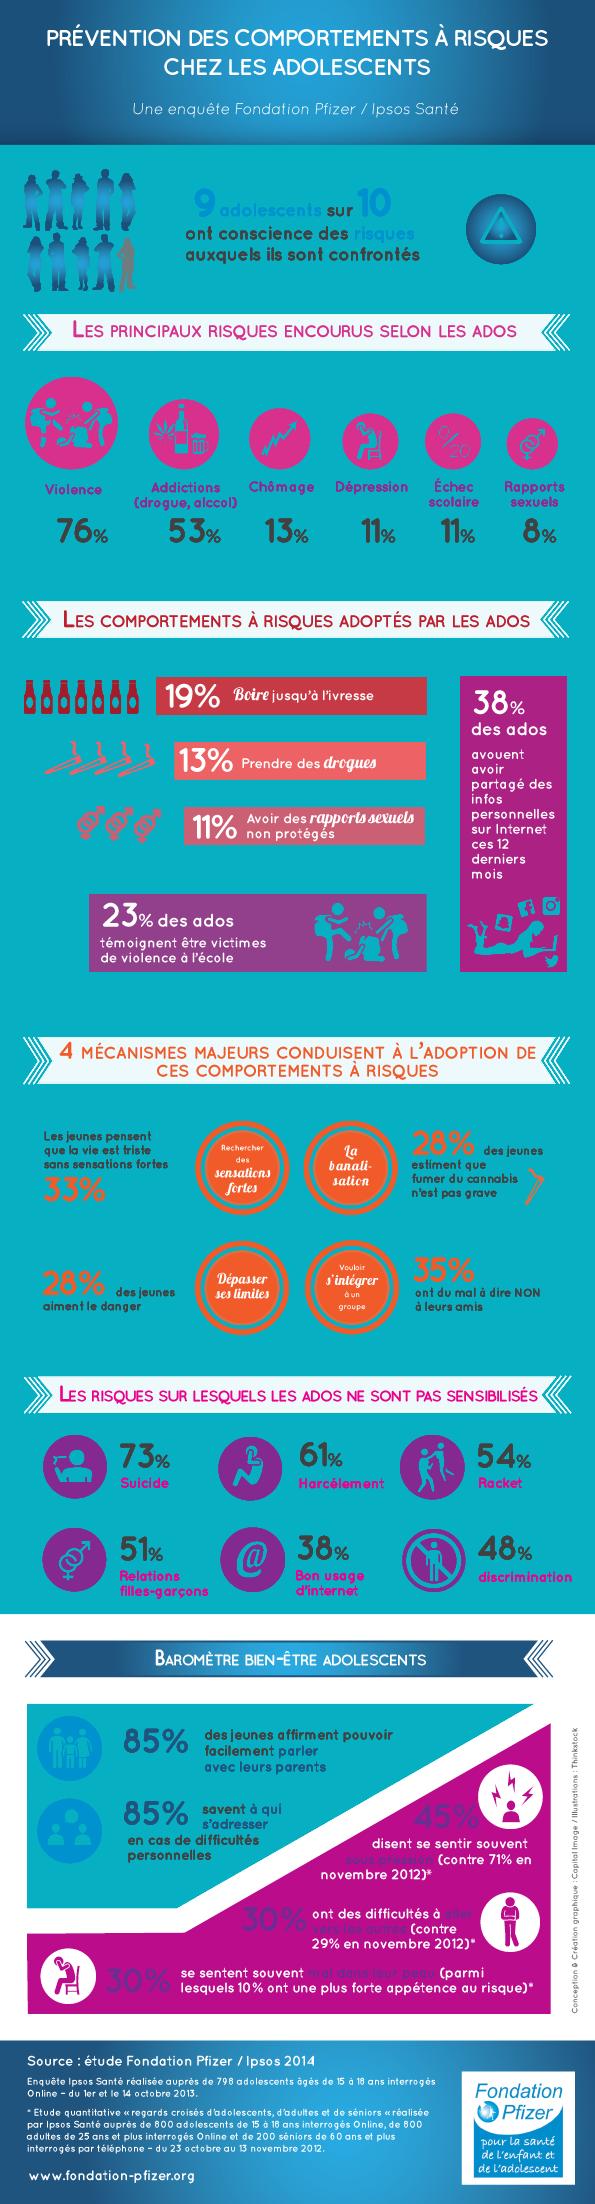 Infographie : comportements à risque chez les adolescents